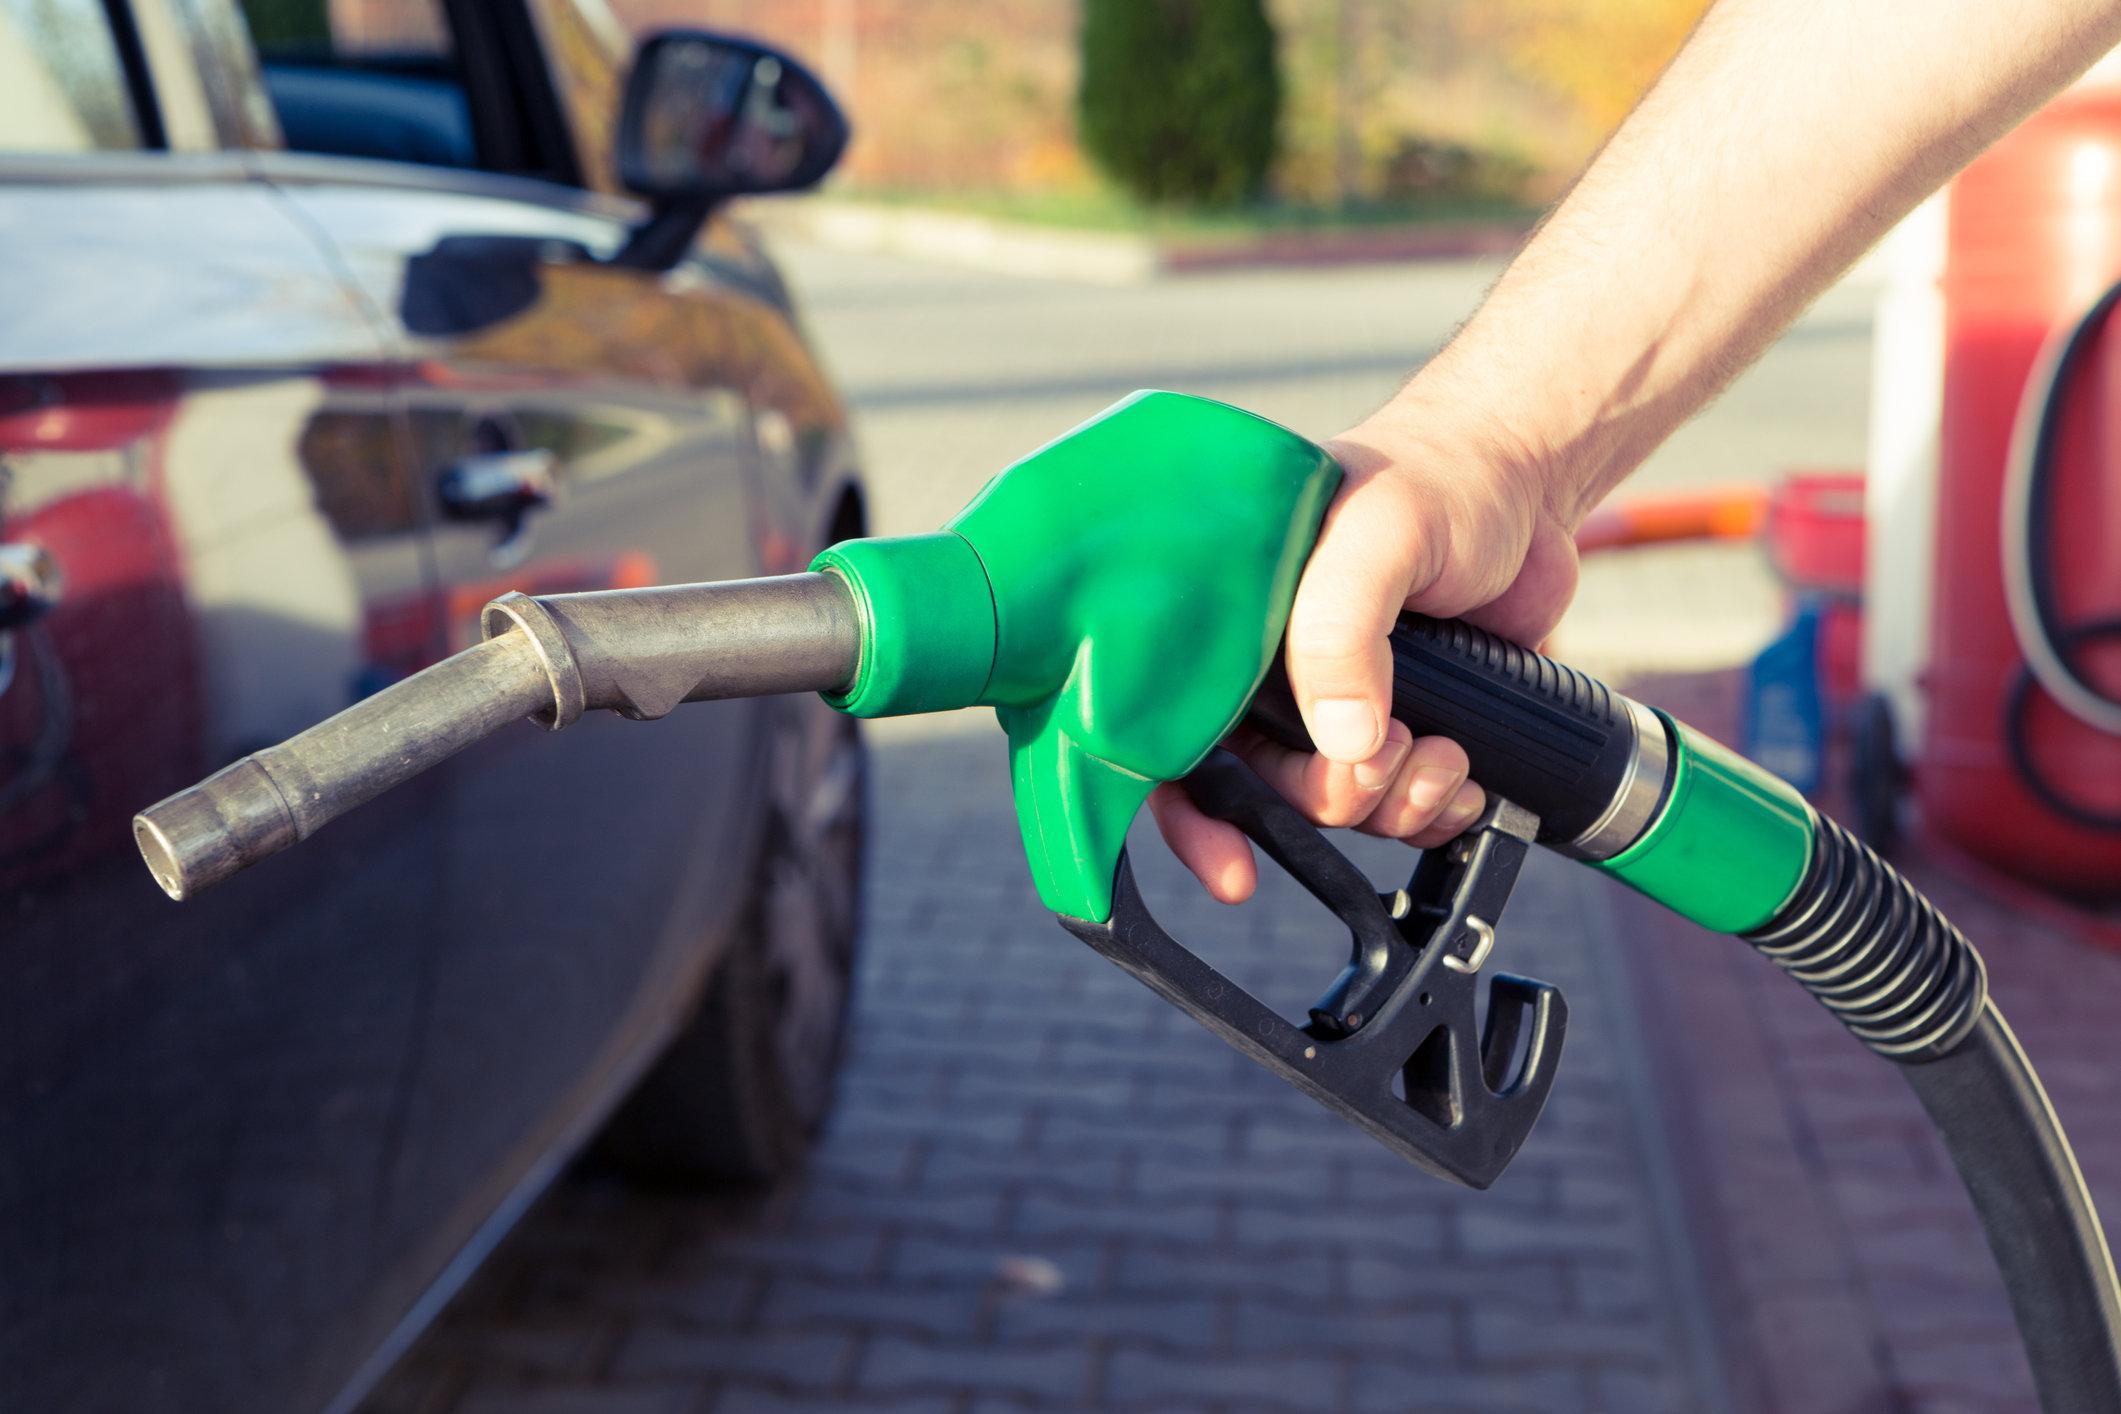 Цены на бензин в Тверской области снизились впервые за год